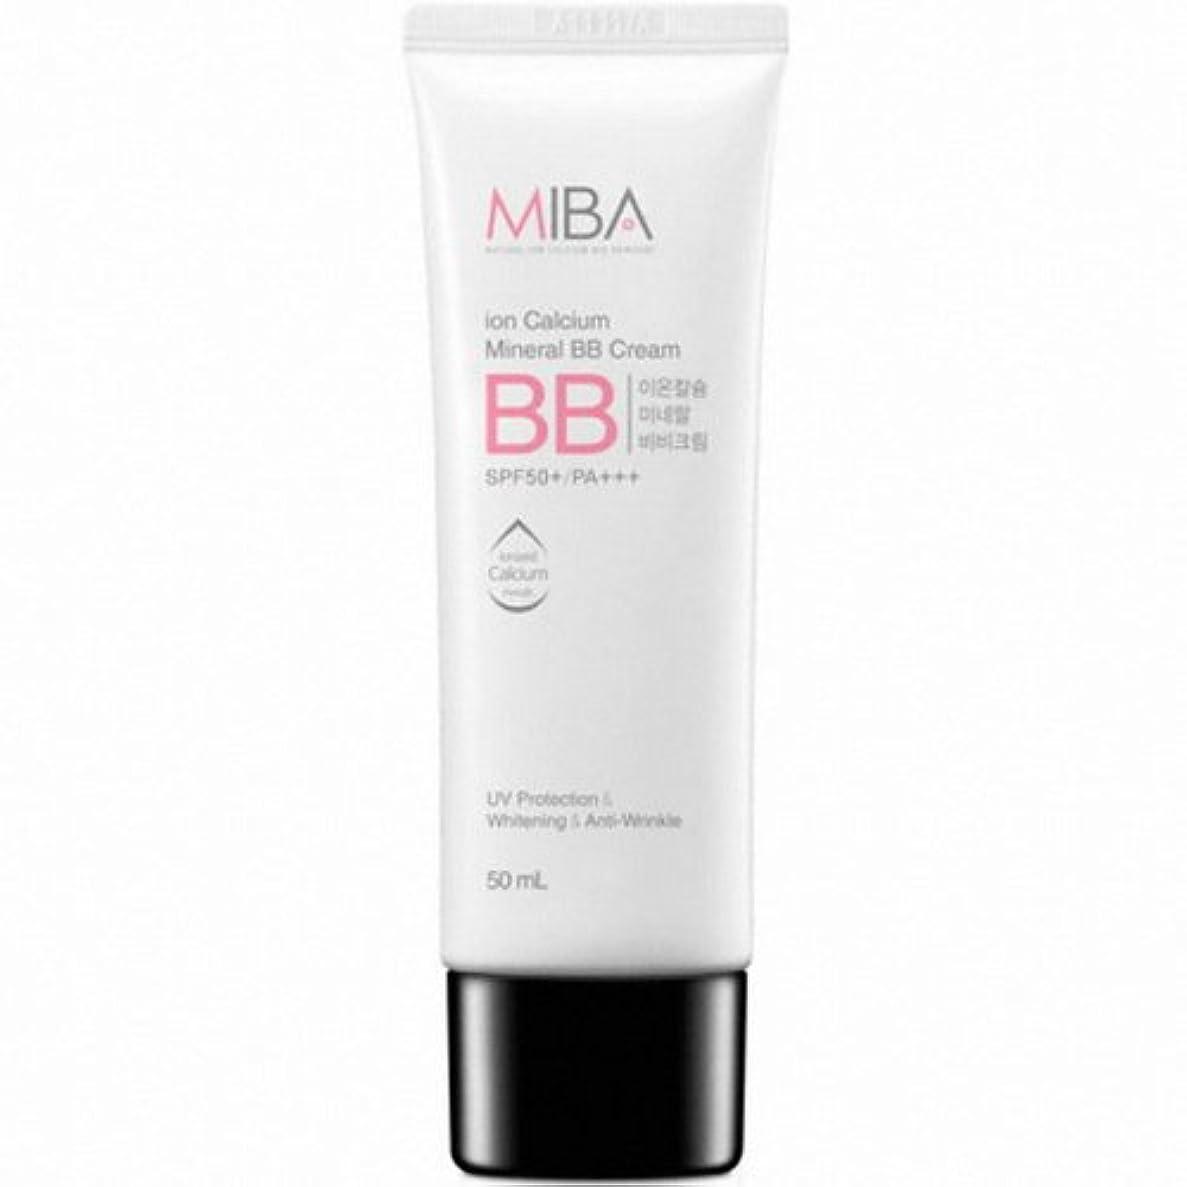 シャット硬い包括的MINERALBIO (ミネラルバイオ) ミバ イオン カルシウム ミネラル ビビクリーム / MIBA Ion Calcium Mineral BB Cream (50ml) [並行輸入品]